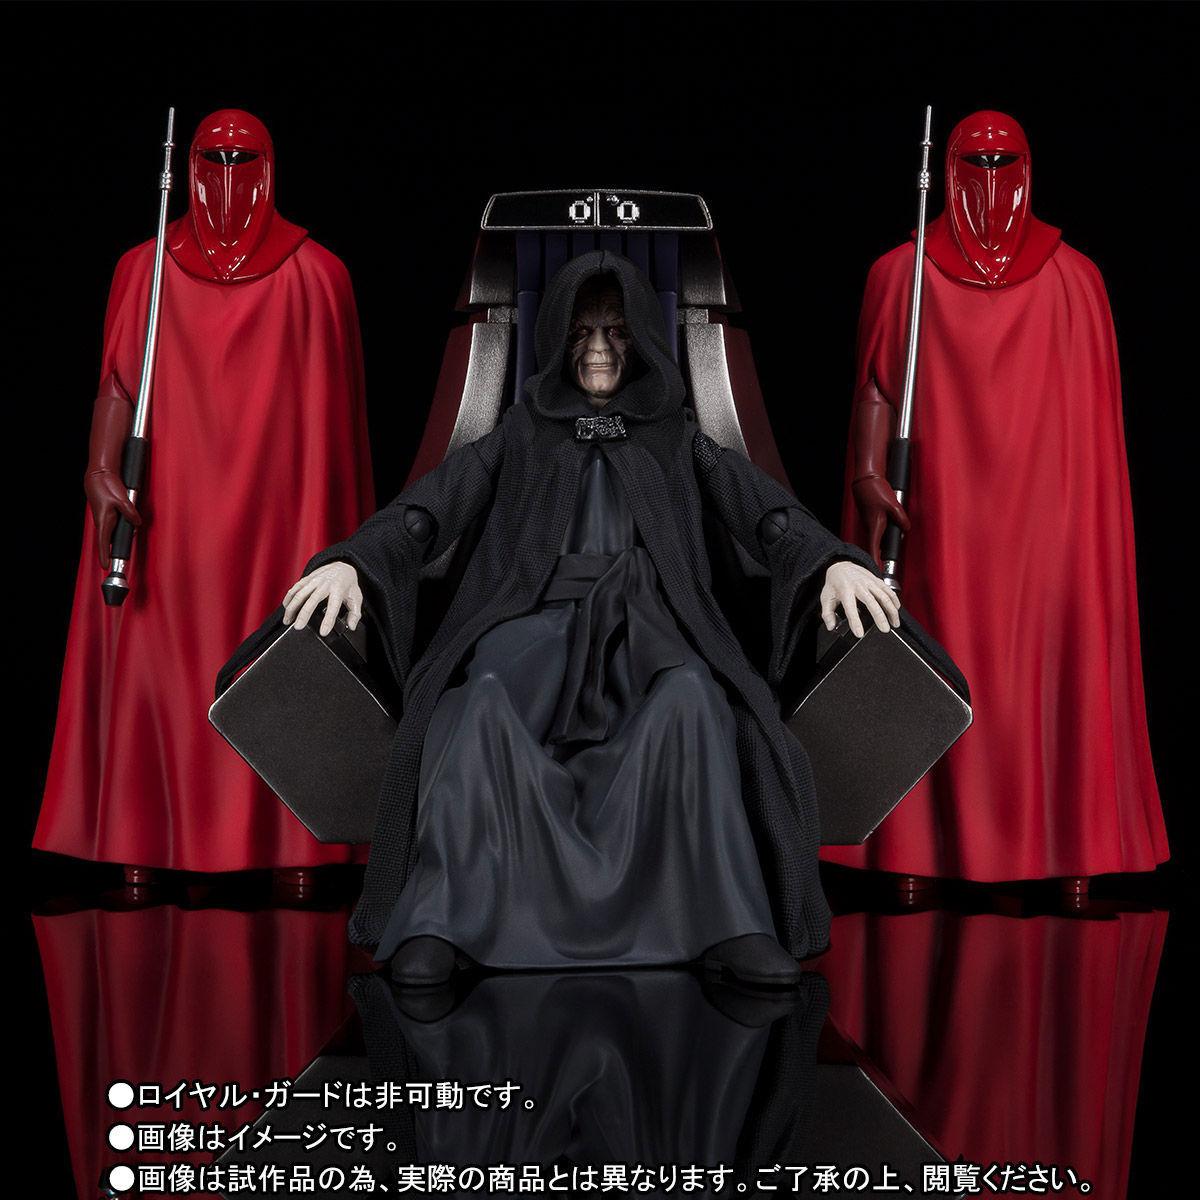 【限定販売】S.H.Figuarts『パルパティーン皇帝 -Death Star II Throne Room Set-(STAR WARS:Return of the Jedi)』可動フィギュア-002